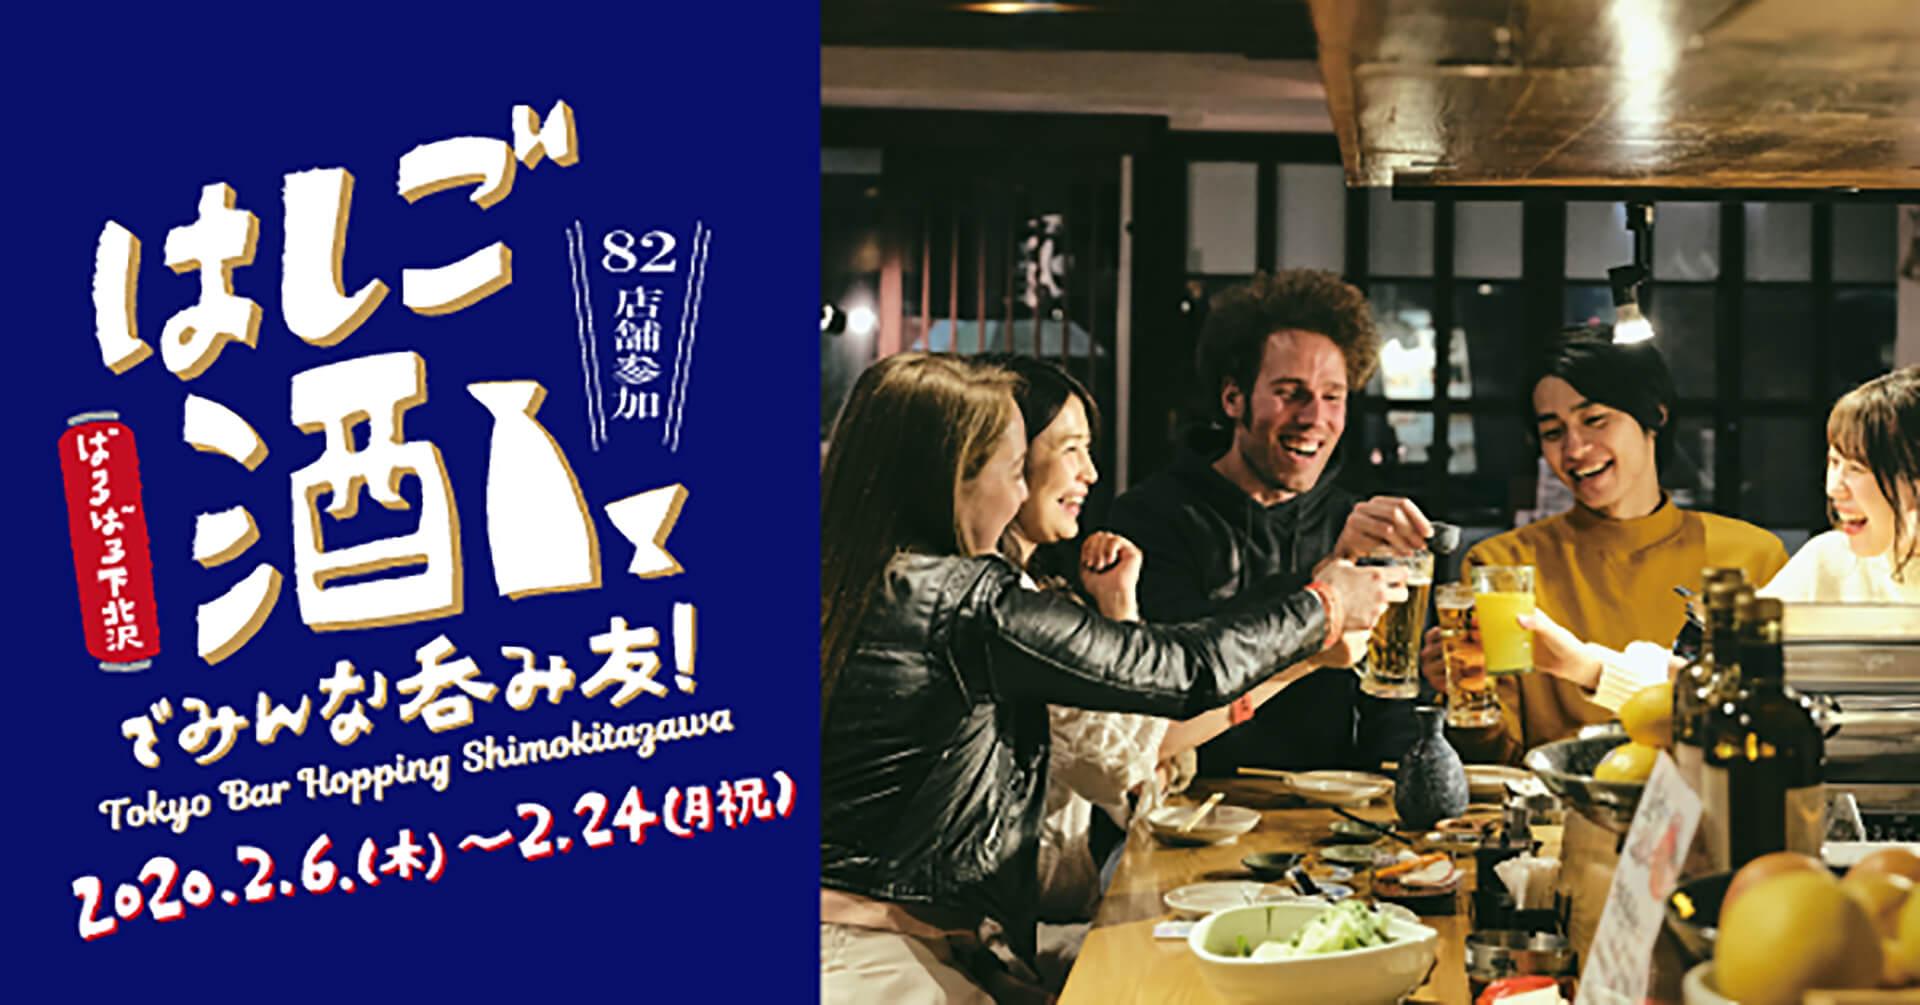 ばるばる下北沢 はしご酒でみんな呑み友バナー